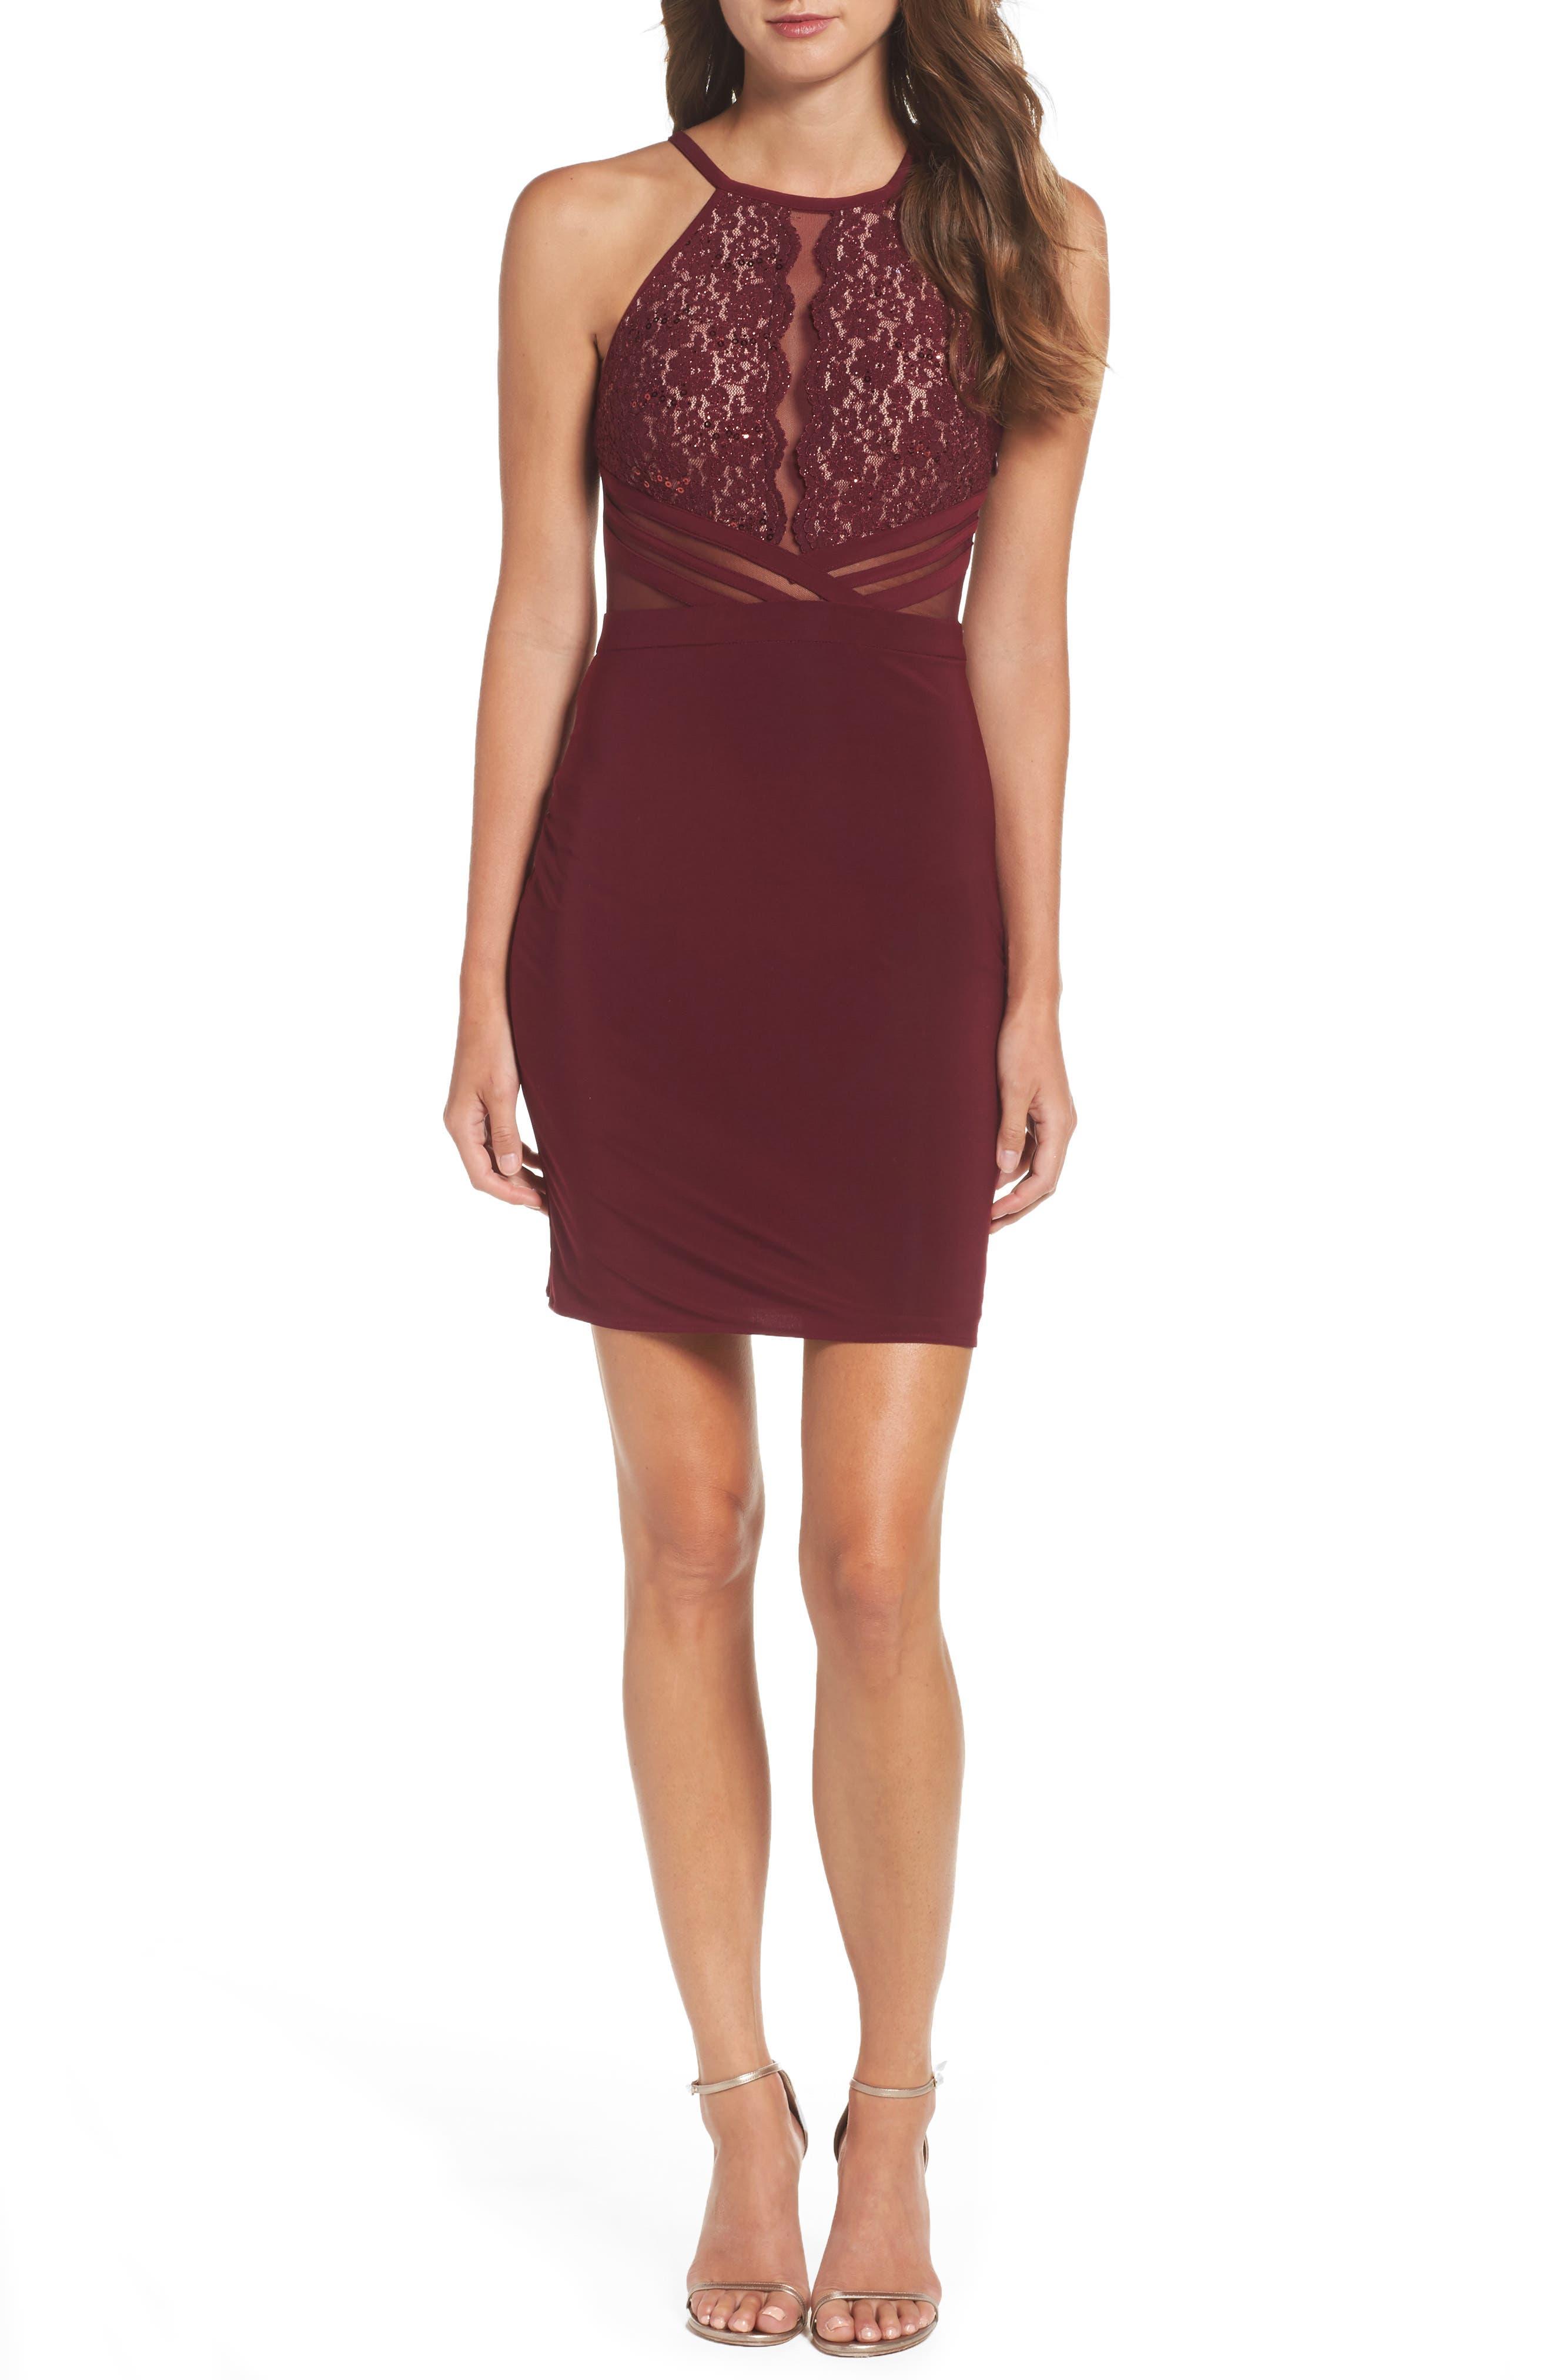 Alternate Image 1 Selected - Morgan & Co. Scallop Lace Bodice Body-Con Dress